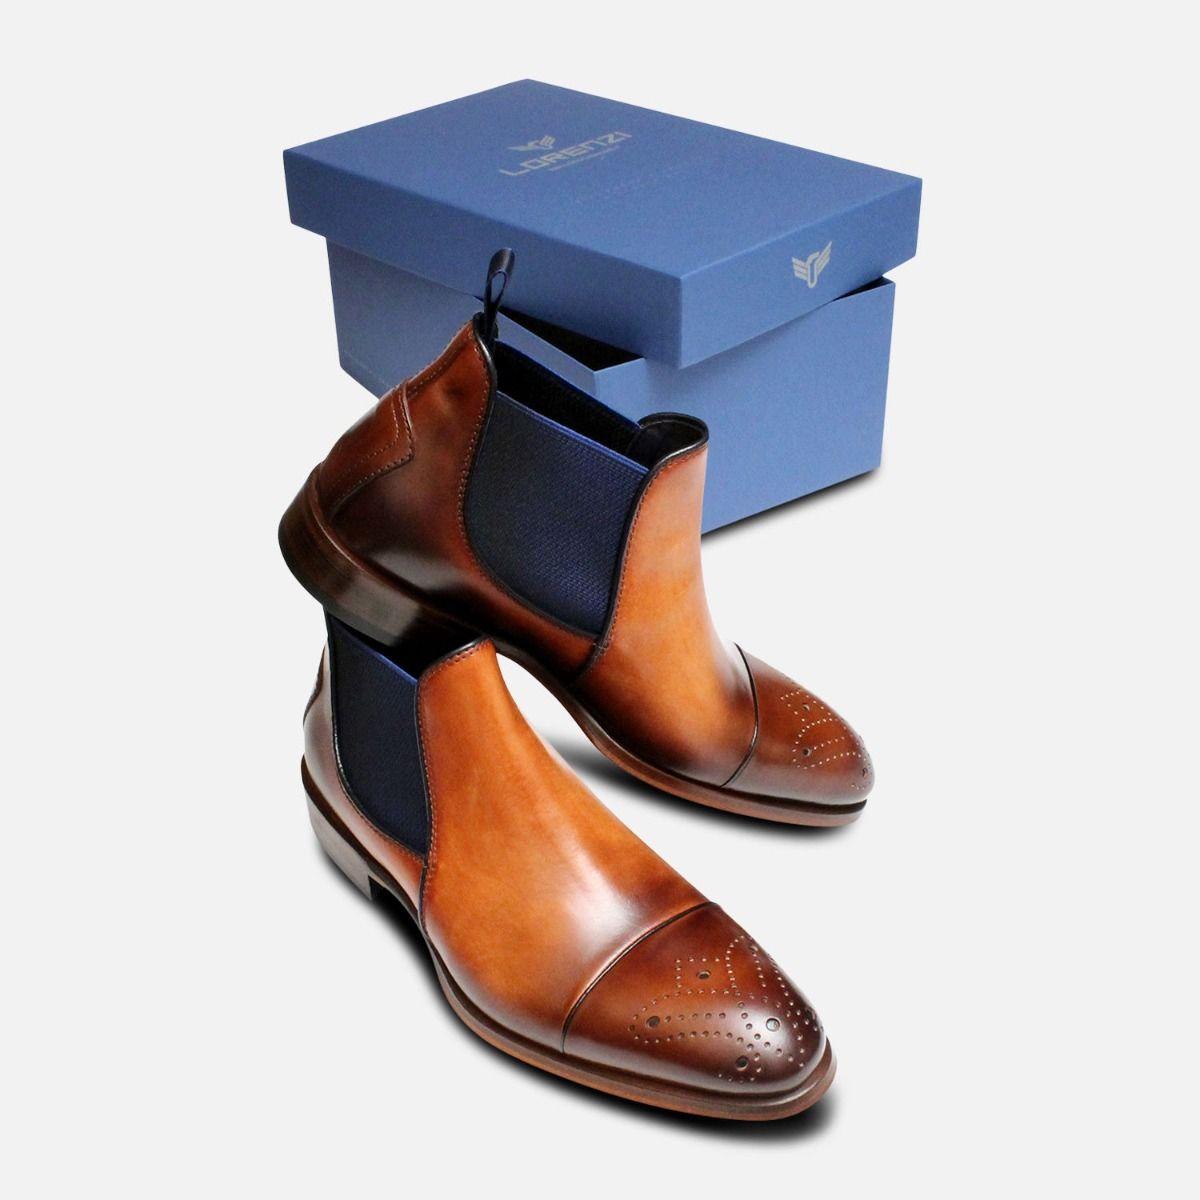 Designer Italian Brown & Blue Chelsea Boot Brogues